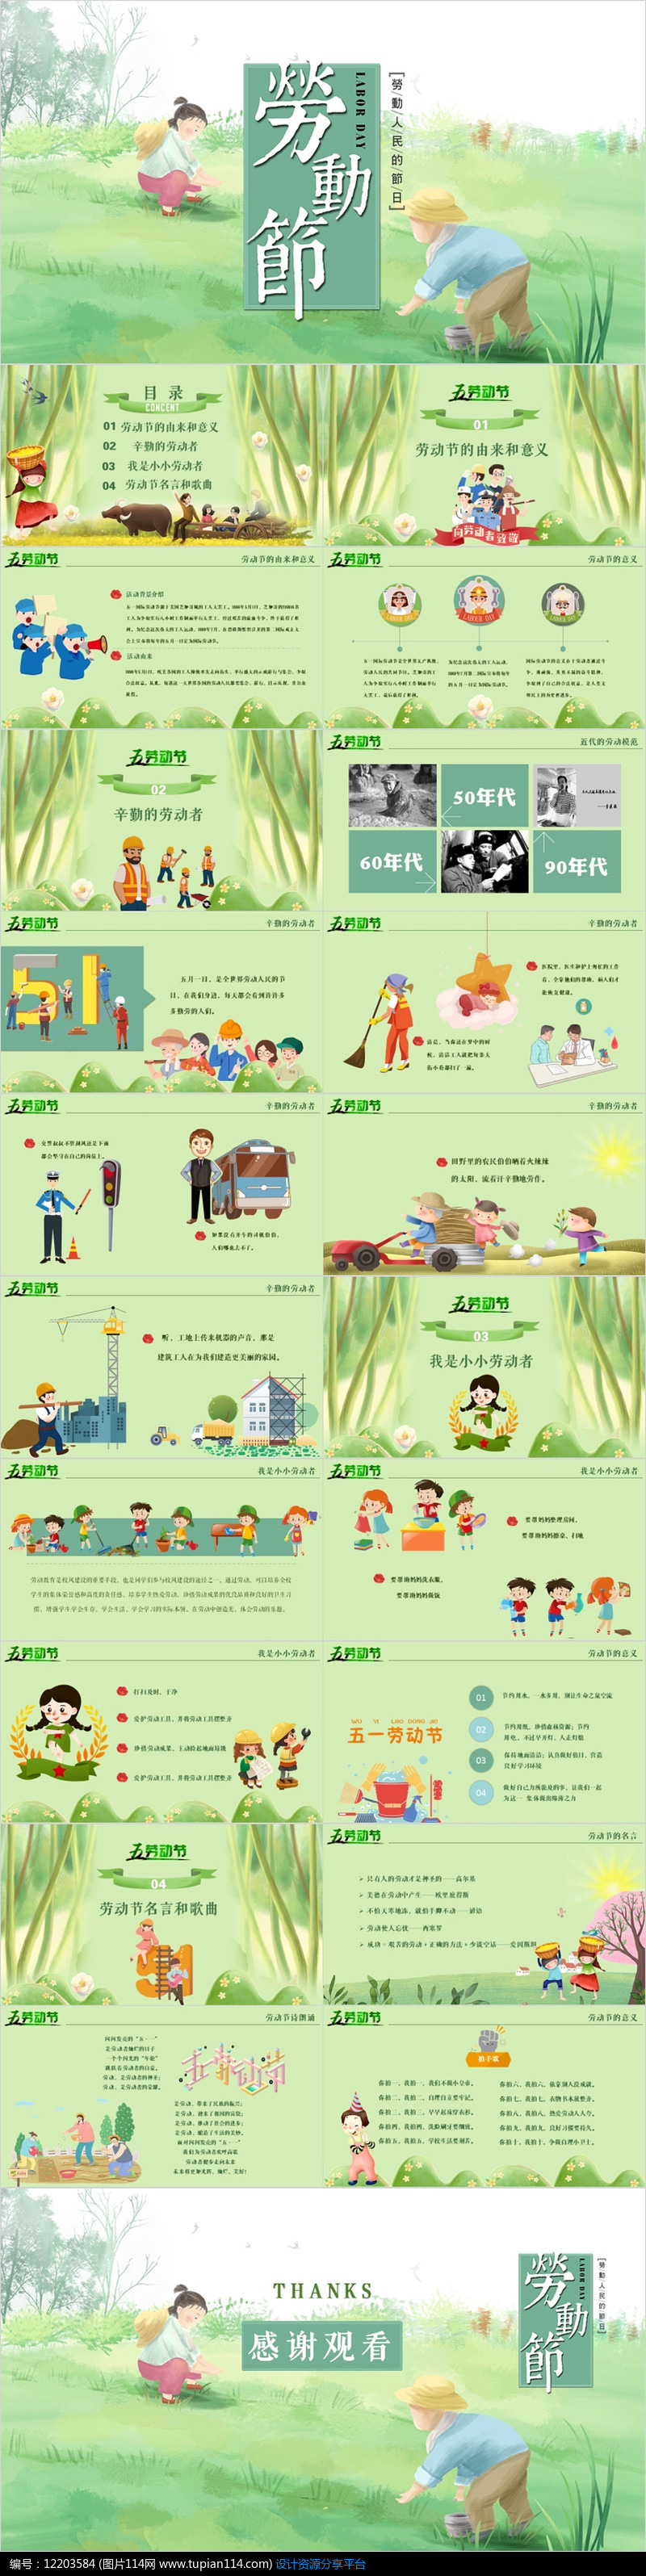 五一劳动节主题班会卡通清新绿色动态ppt模板